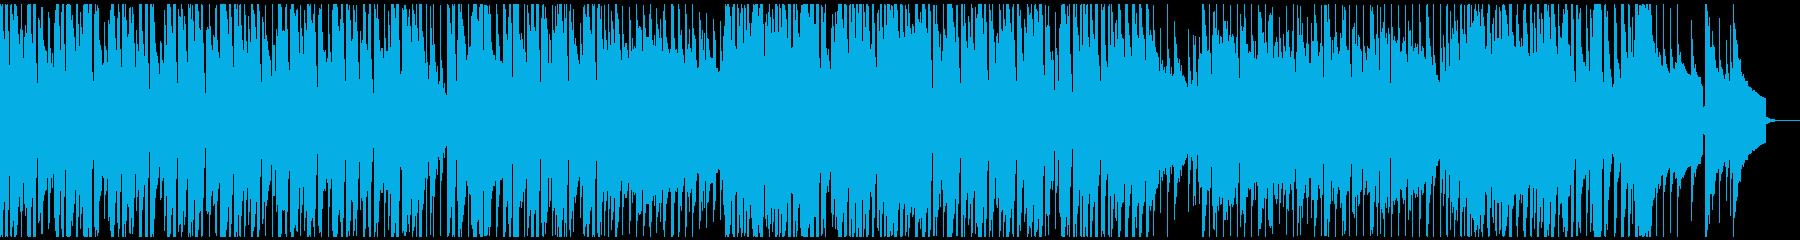 企業VP映像用のあかるい曲の再生済みの波形